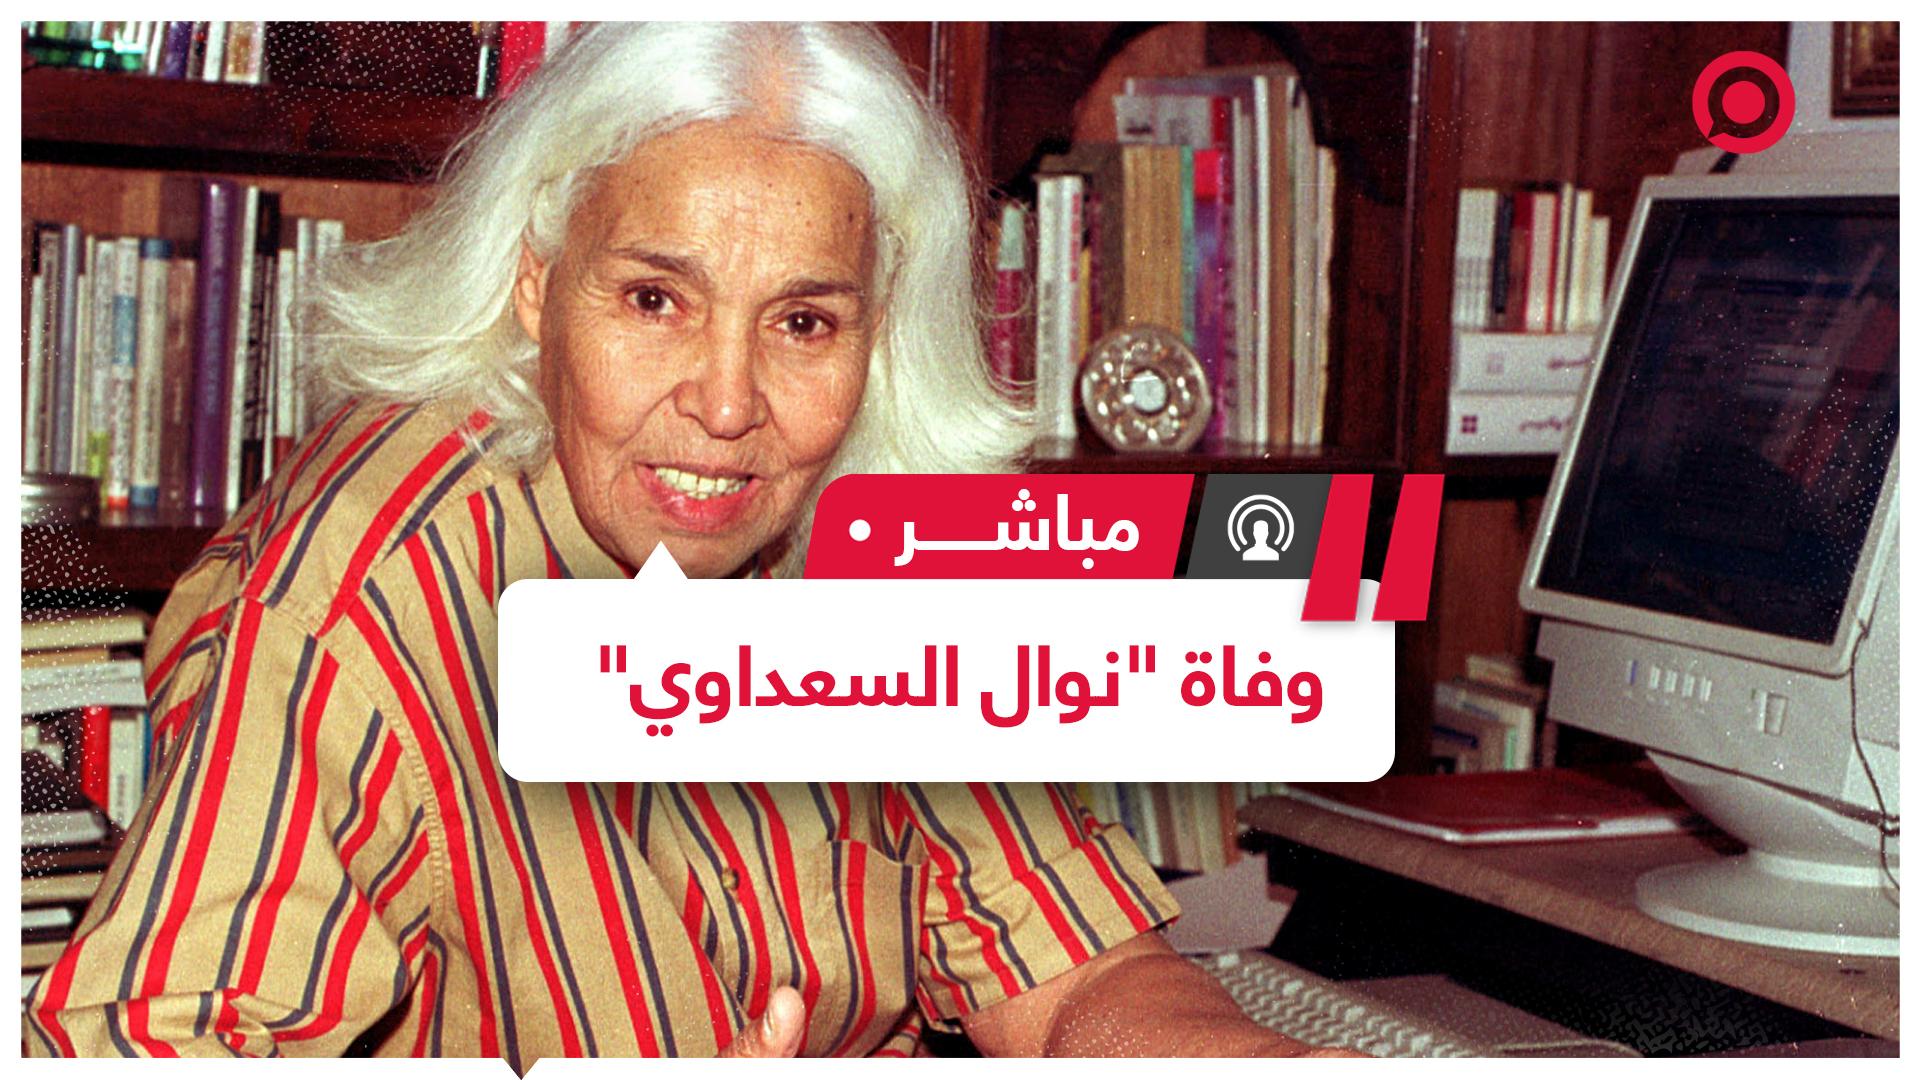 آراء الكاتبة المصرية نوال السعداوي تثير جدلا واسعا بعد وفاتها